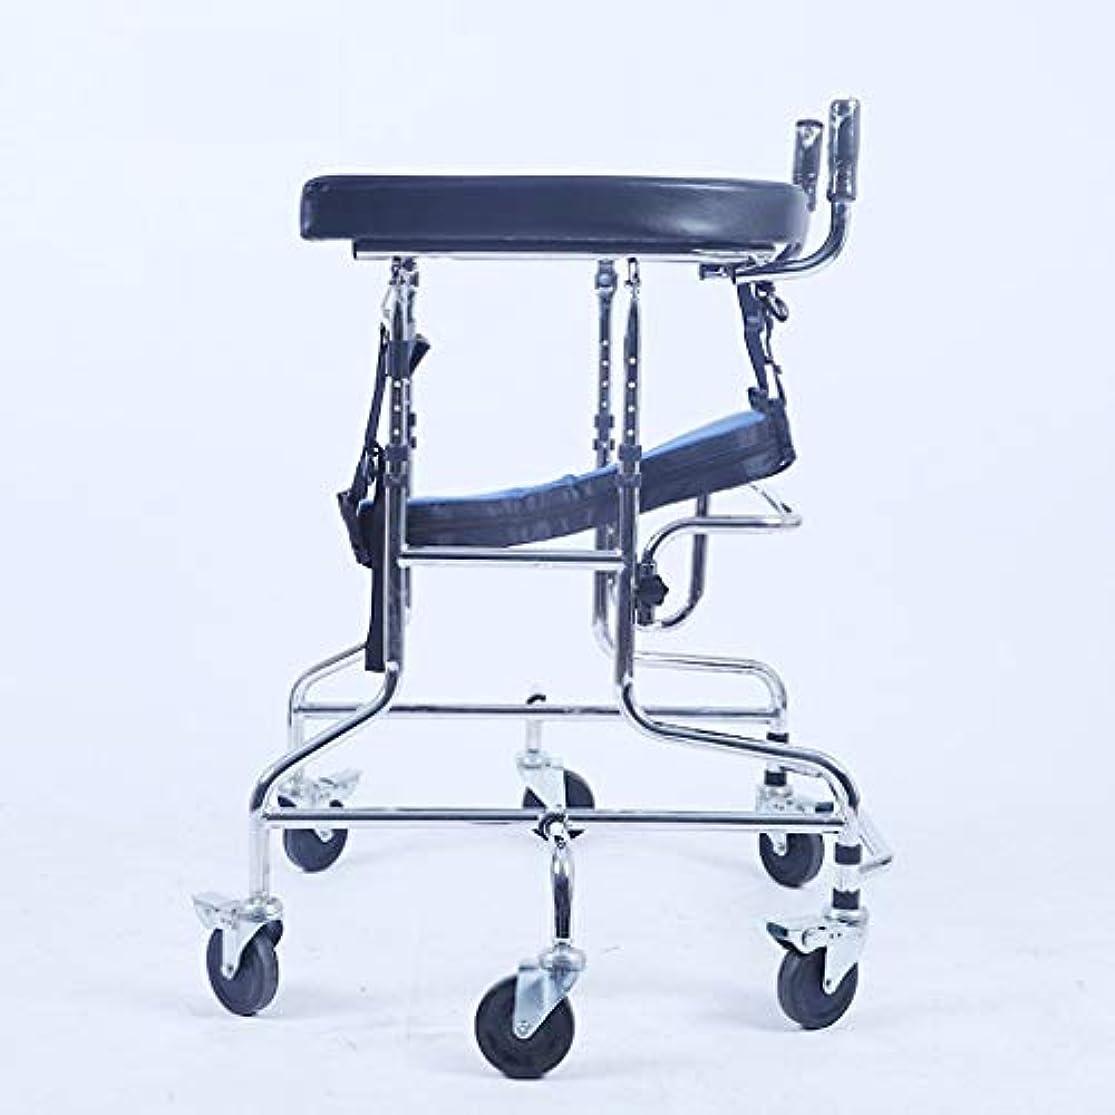 サーバント不安アジャ子供下肢トレーニング?リハビリ機器/リハビリ機器/スタンディングウォークスタンド/ウォークエイド/ウォーカー/スタンドホイール付きシートホイール(サイズ:C)